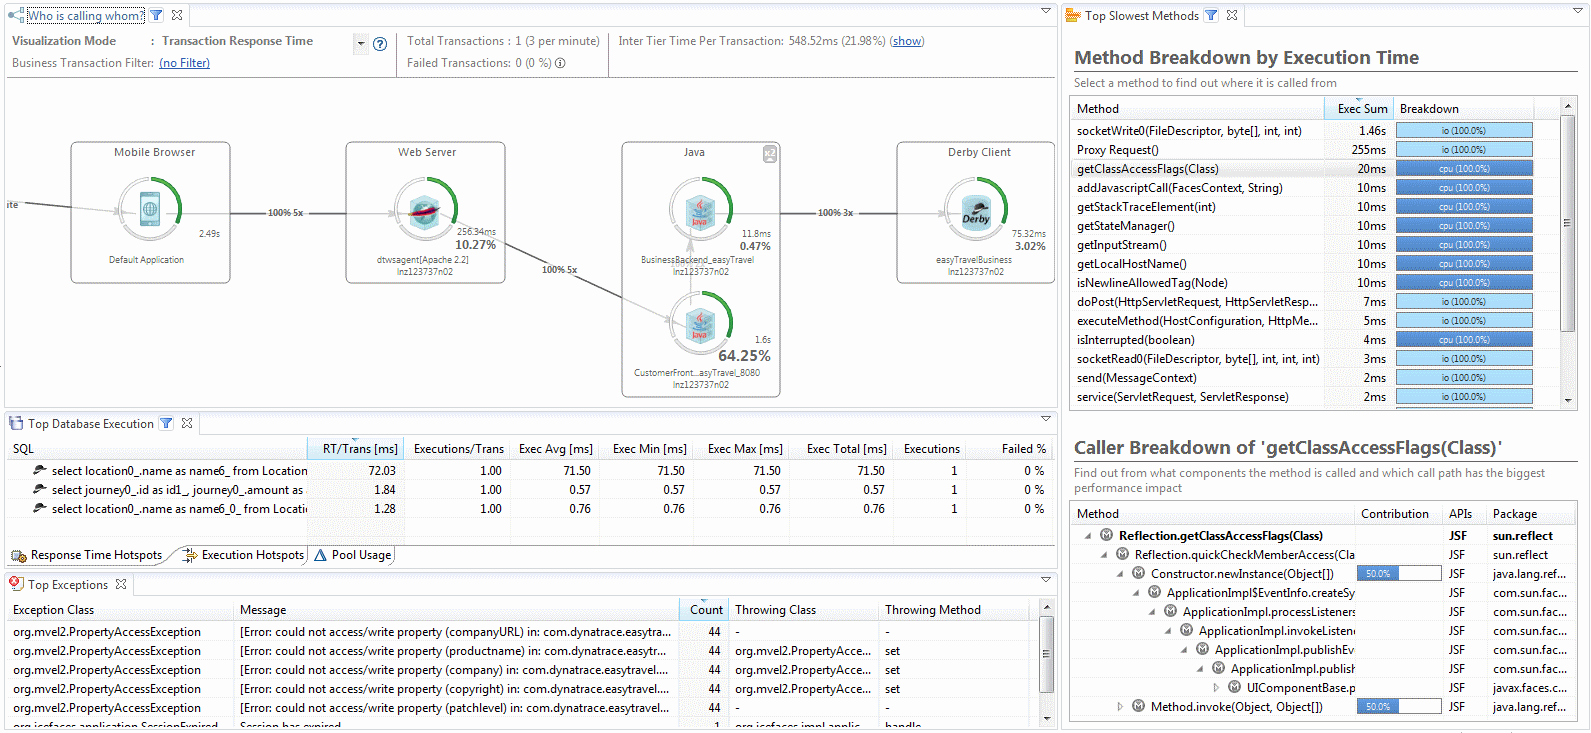 Les méthodes, les arguments, les paramètres HTTP, les expressions SQL : tout en un seul endroit pour chaque requête.  Explorez, Partagez, Comparez !